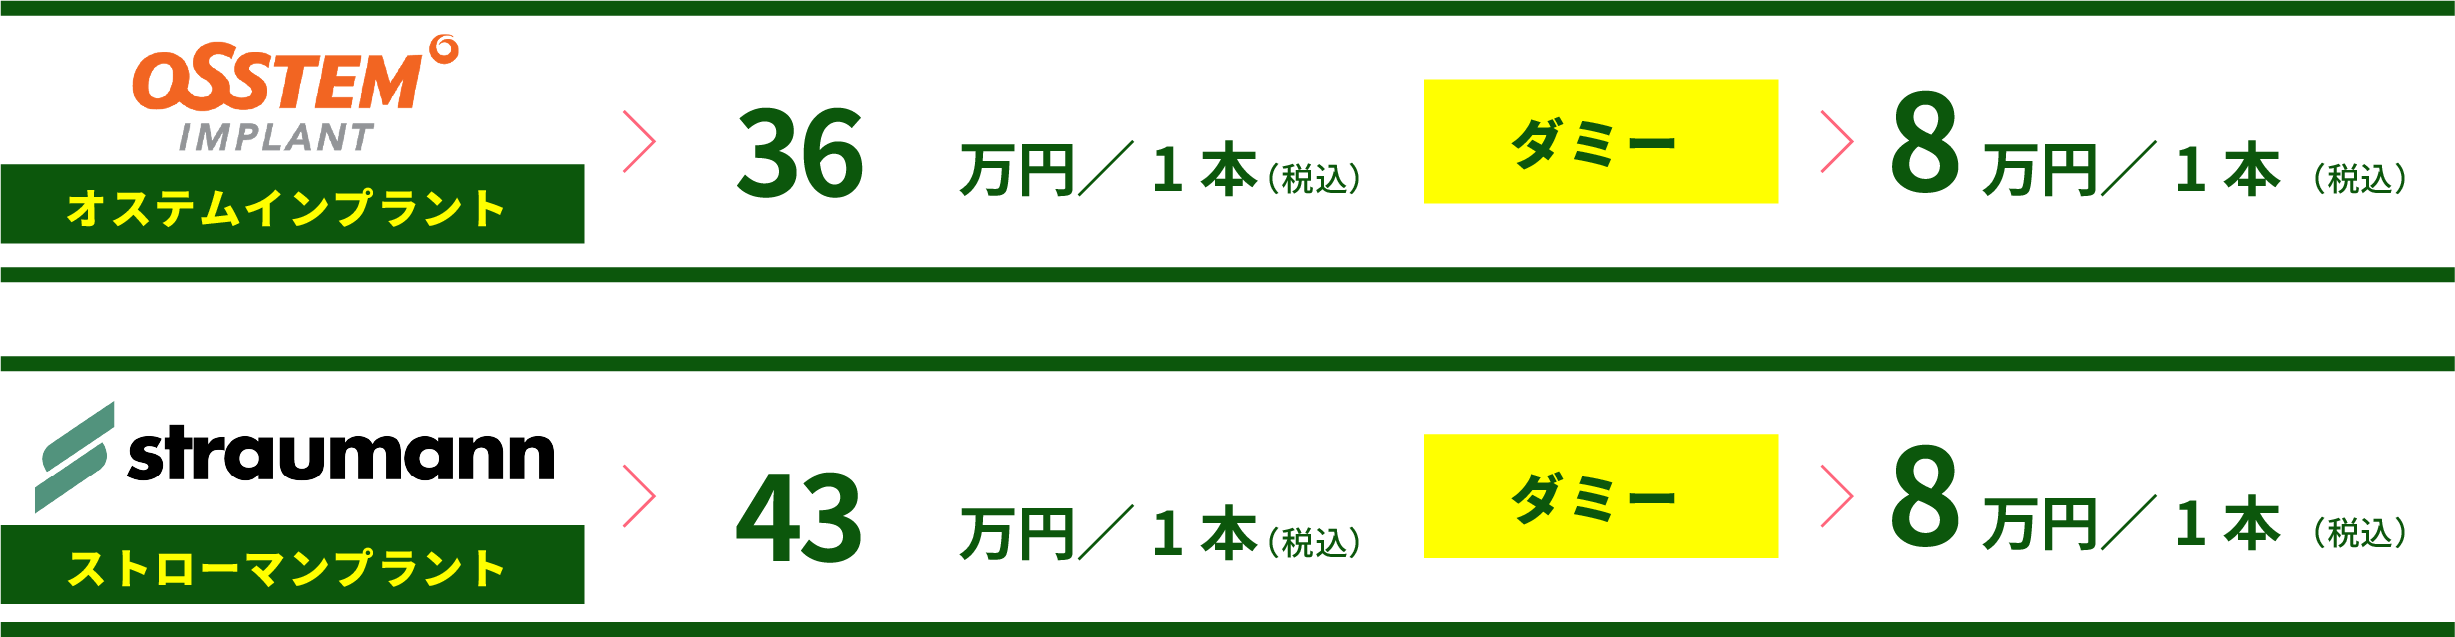 セラミック-ダミー費用2021